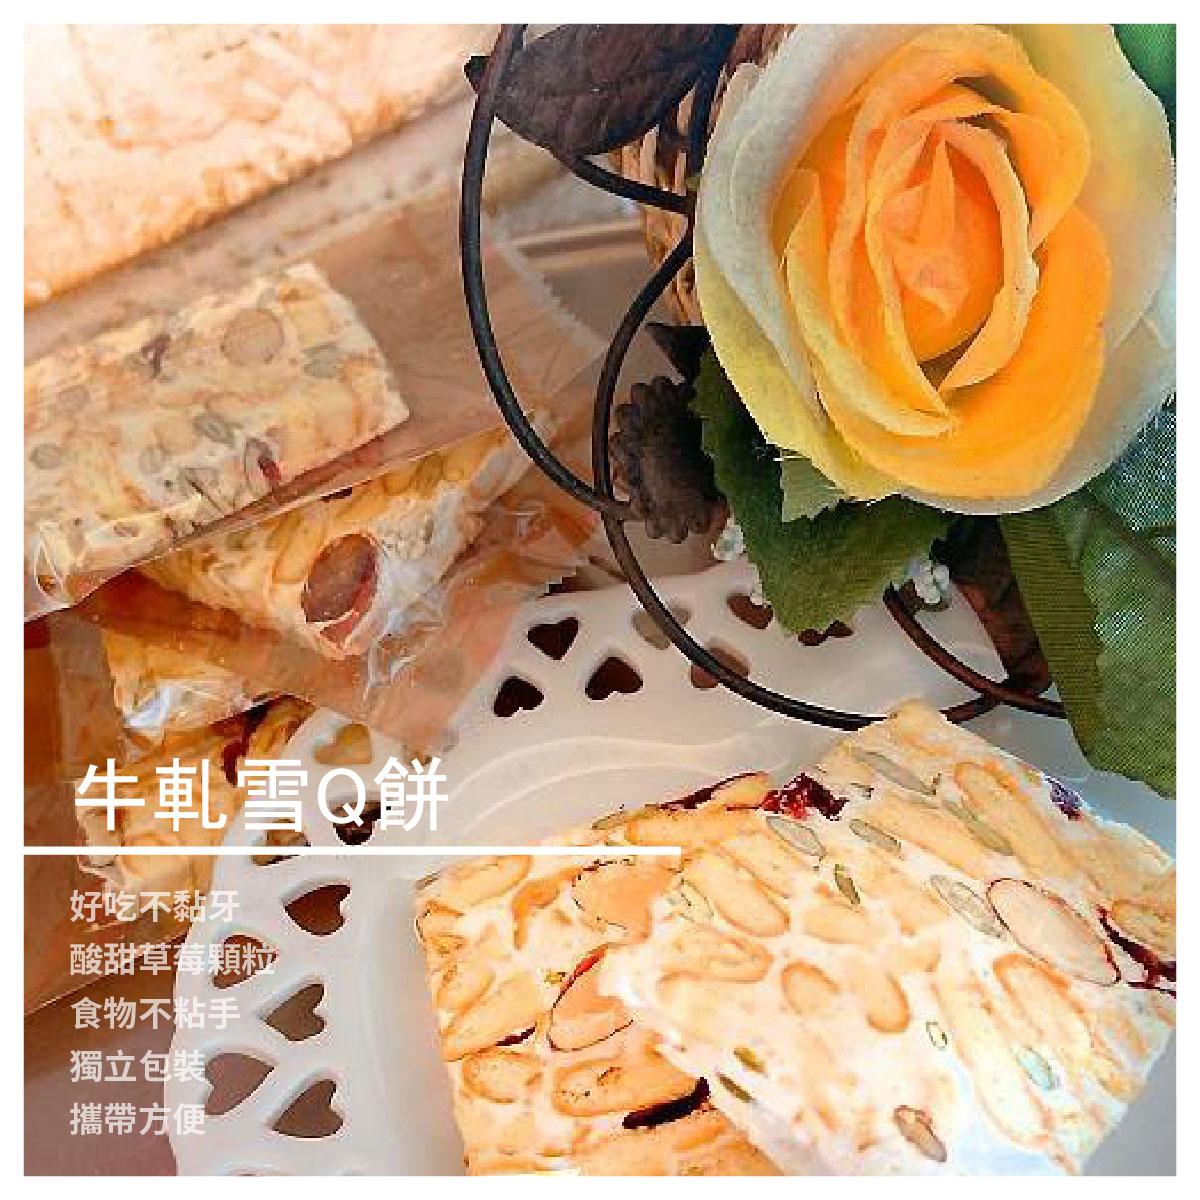 【美式口烘焙房】牛軋雪Q餅/袋